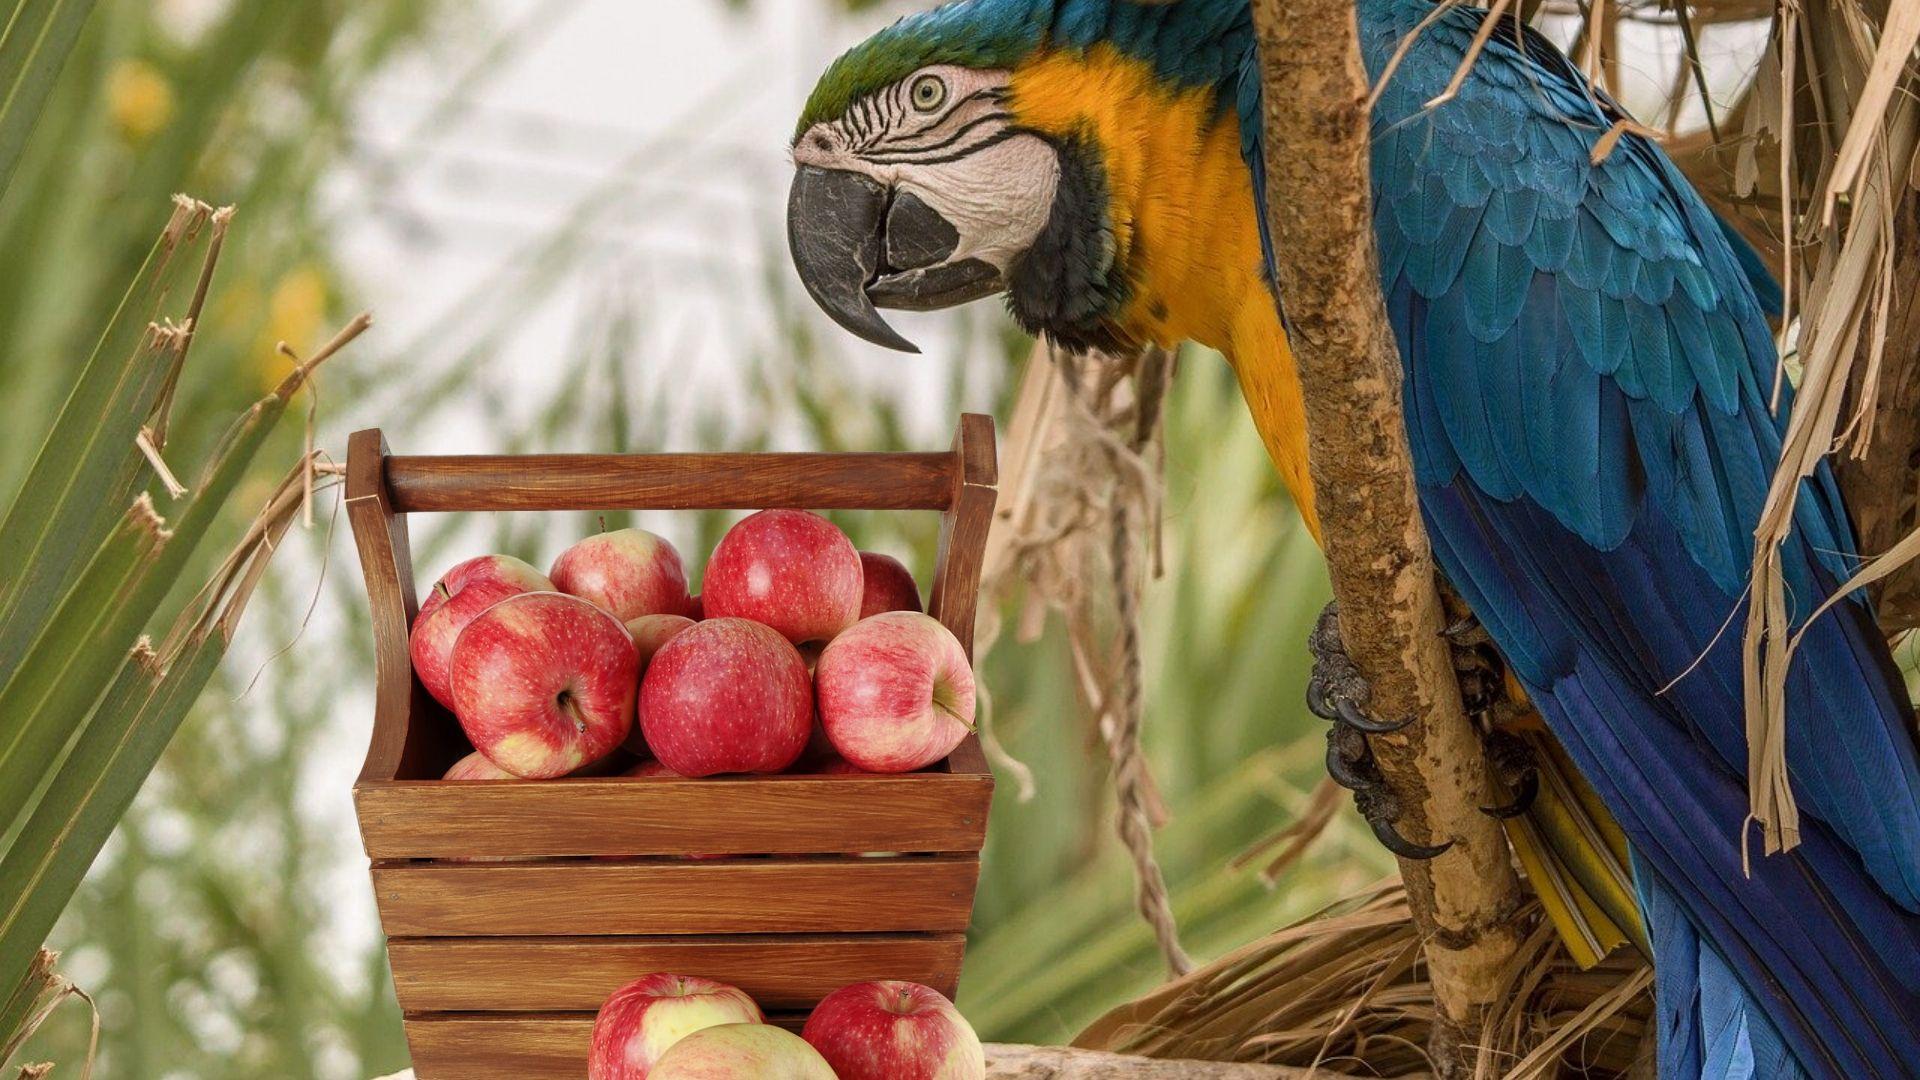 فواید میوه و سبزیجات در طول عمر پرنده